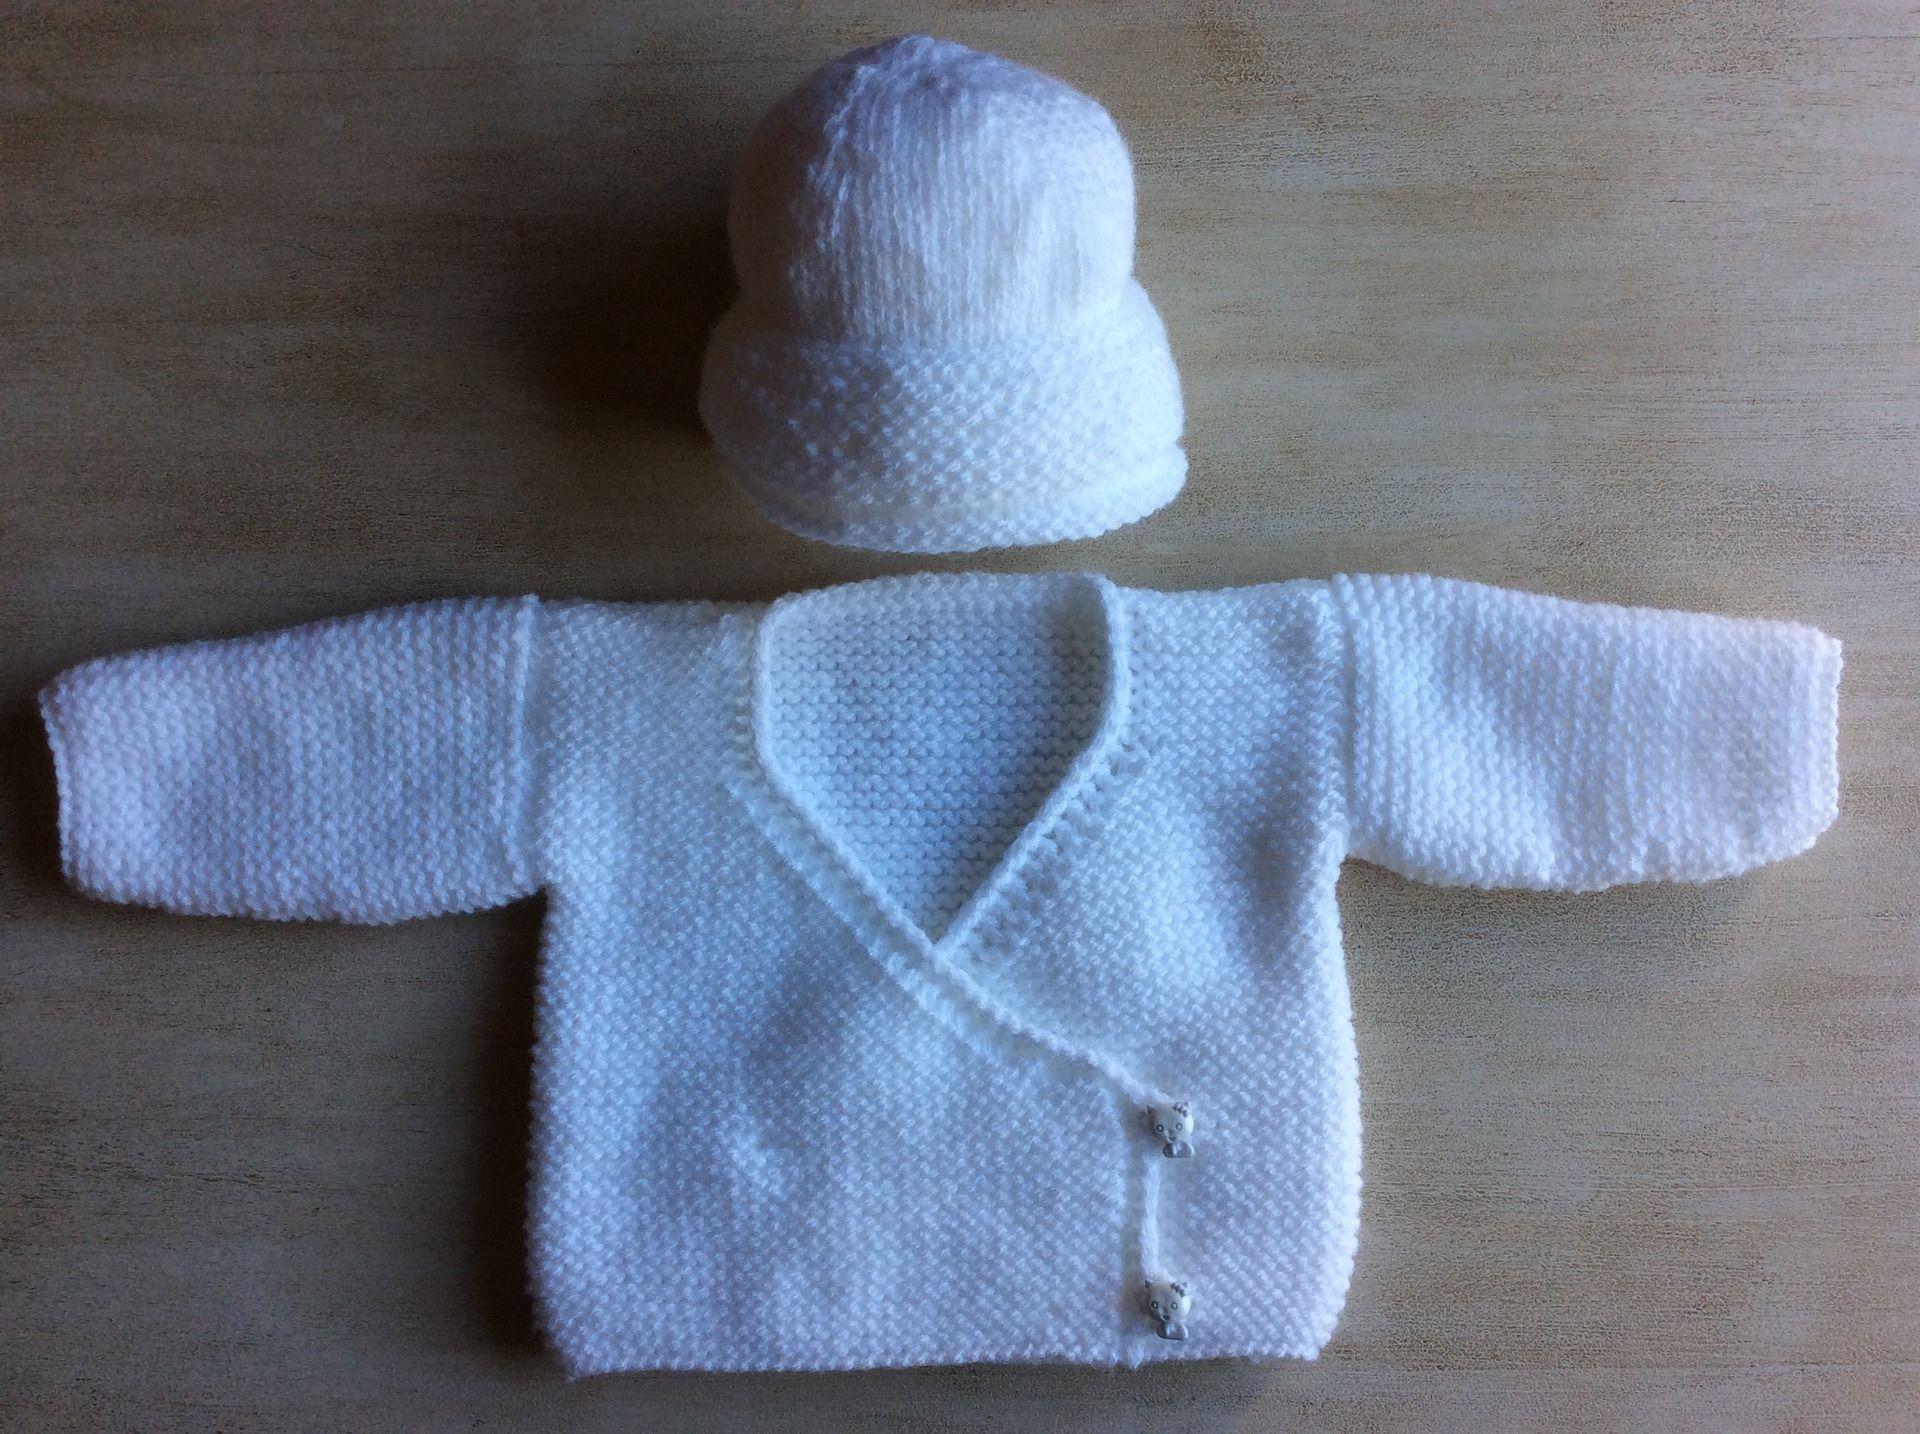 ca433abe91c41 Ensemble Bébé 0 à 1 mois Gilet Cache Coeur Bonnet tricoté main en laine  Couleur blanc pur   Mode Bébé par la-p-tite-mimine